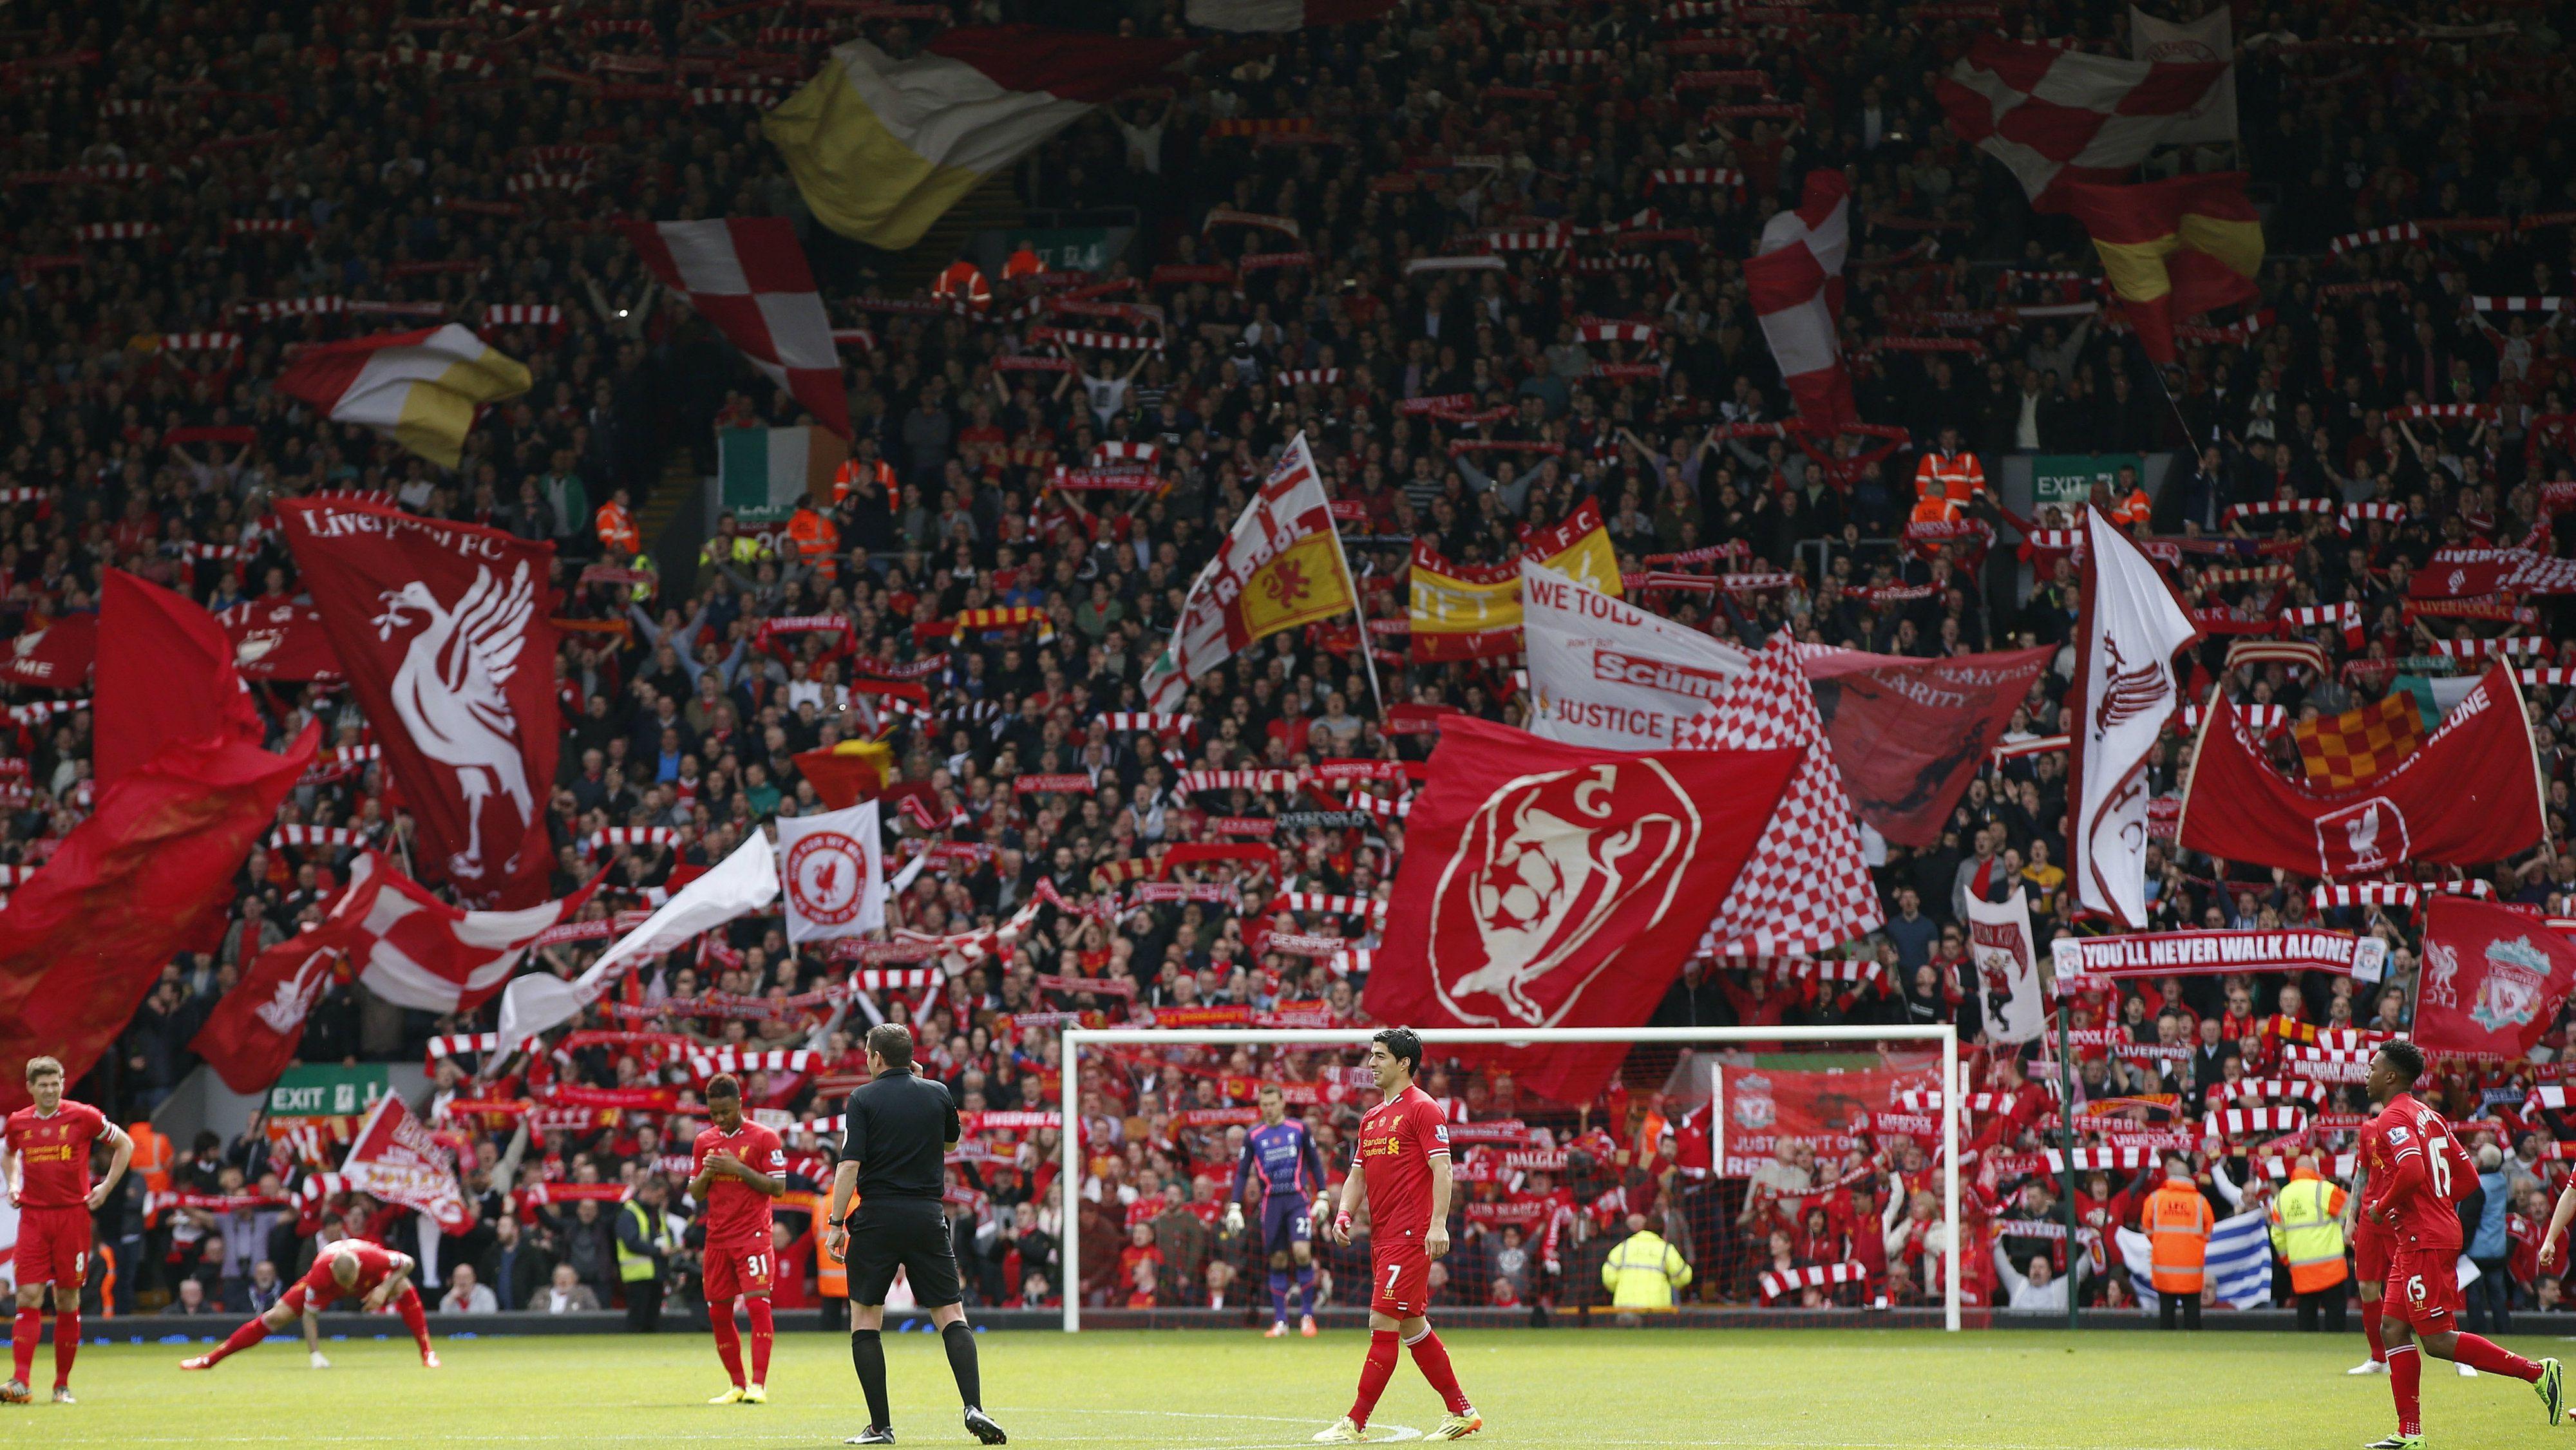 Liverpool FC fans before a Premier League game.